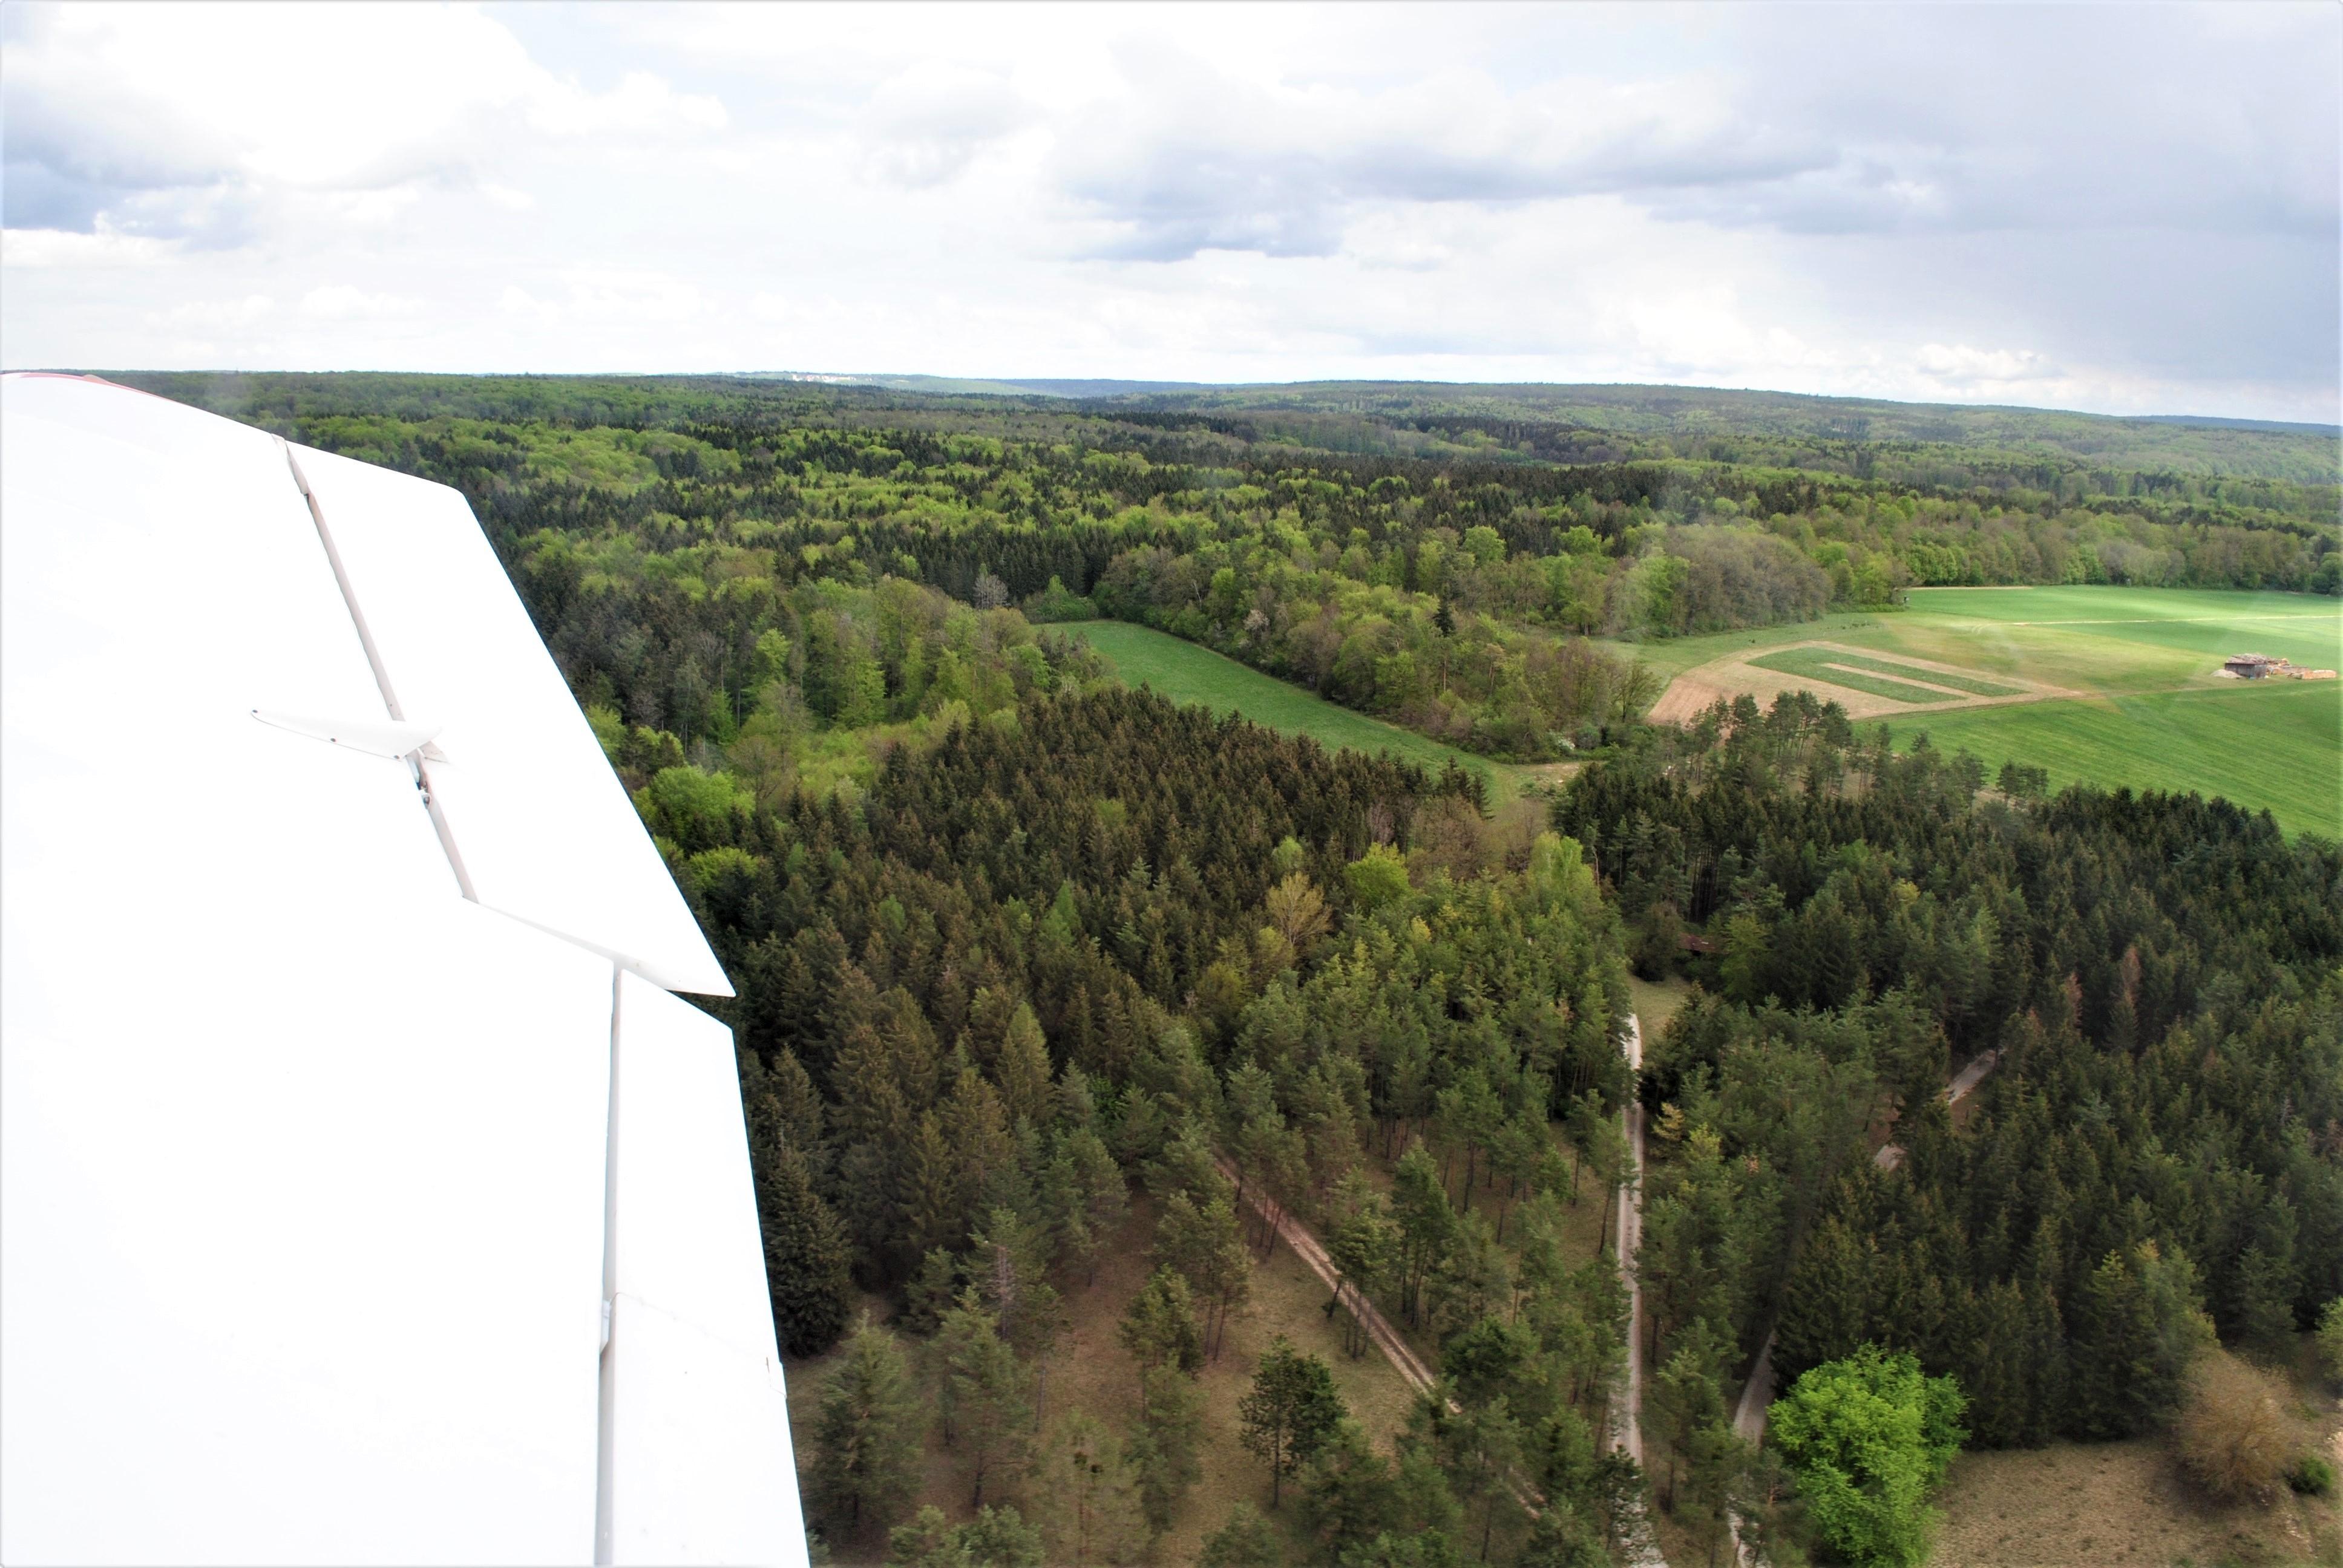 Kurz nach dem Abheben über dem Hienheimer Forst.